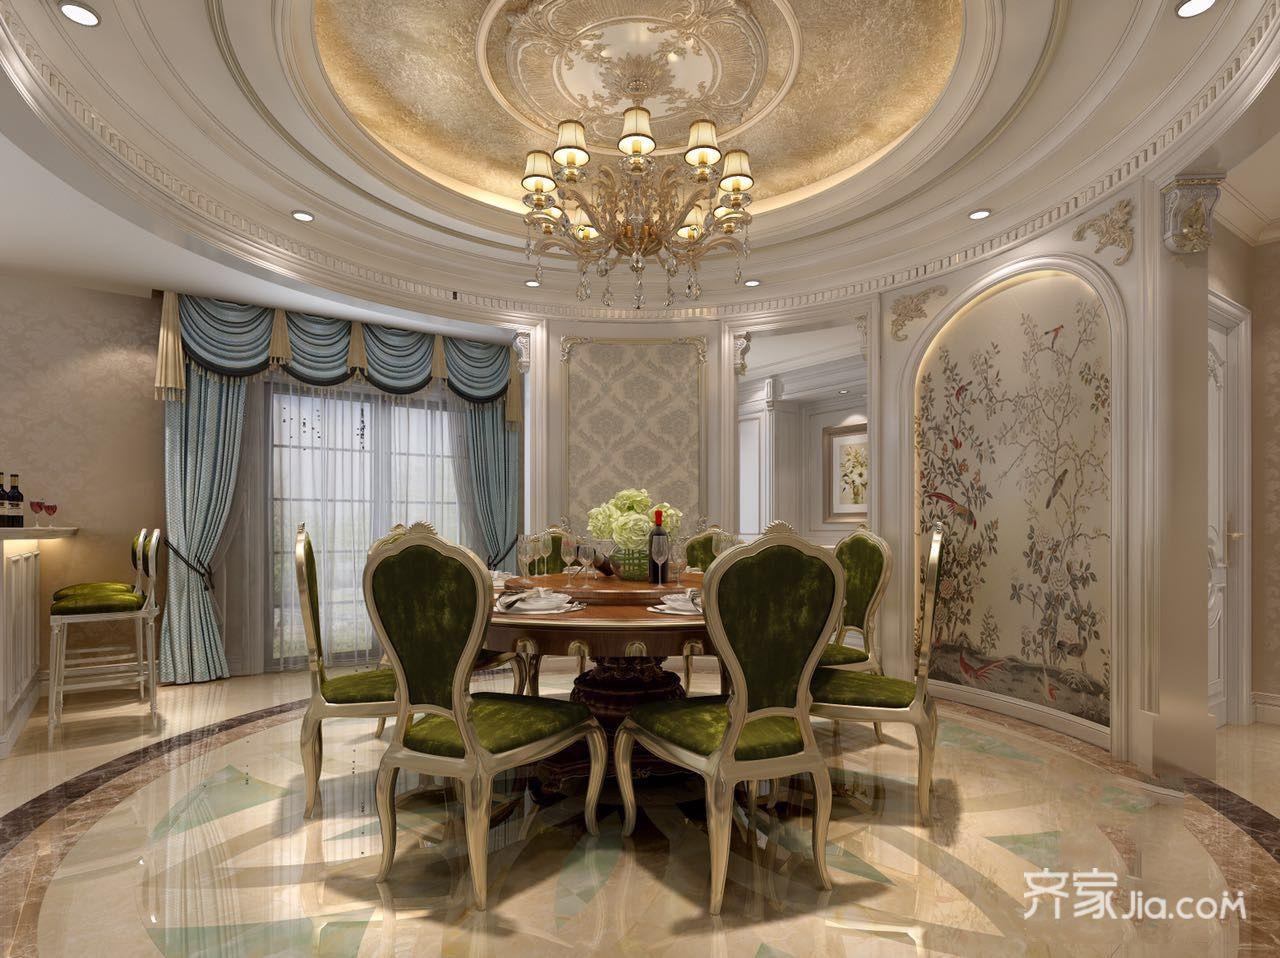 大户型豪华欧式别墅餐厅装修效果图